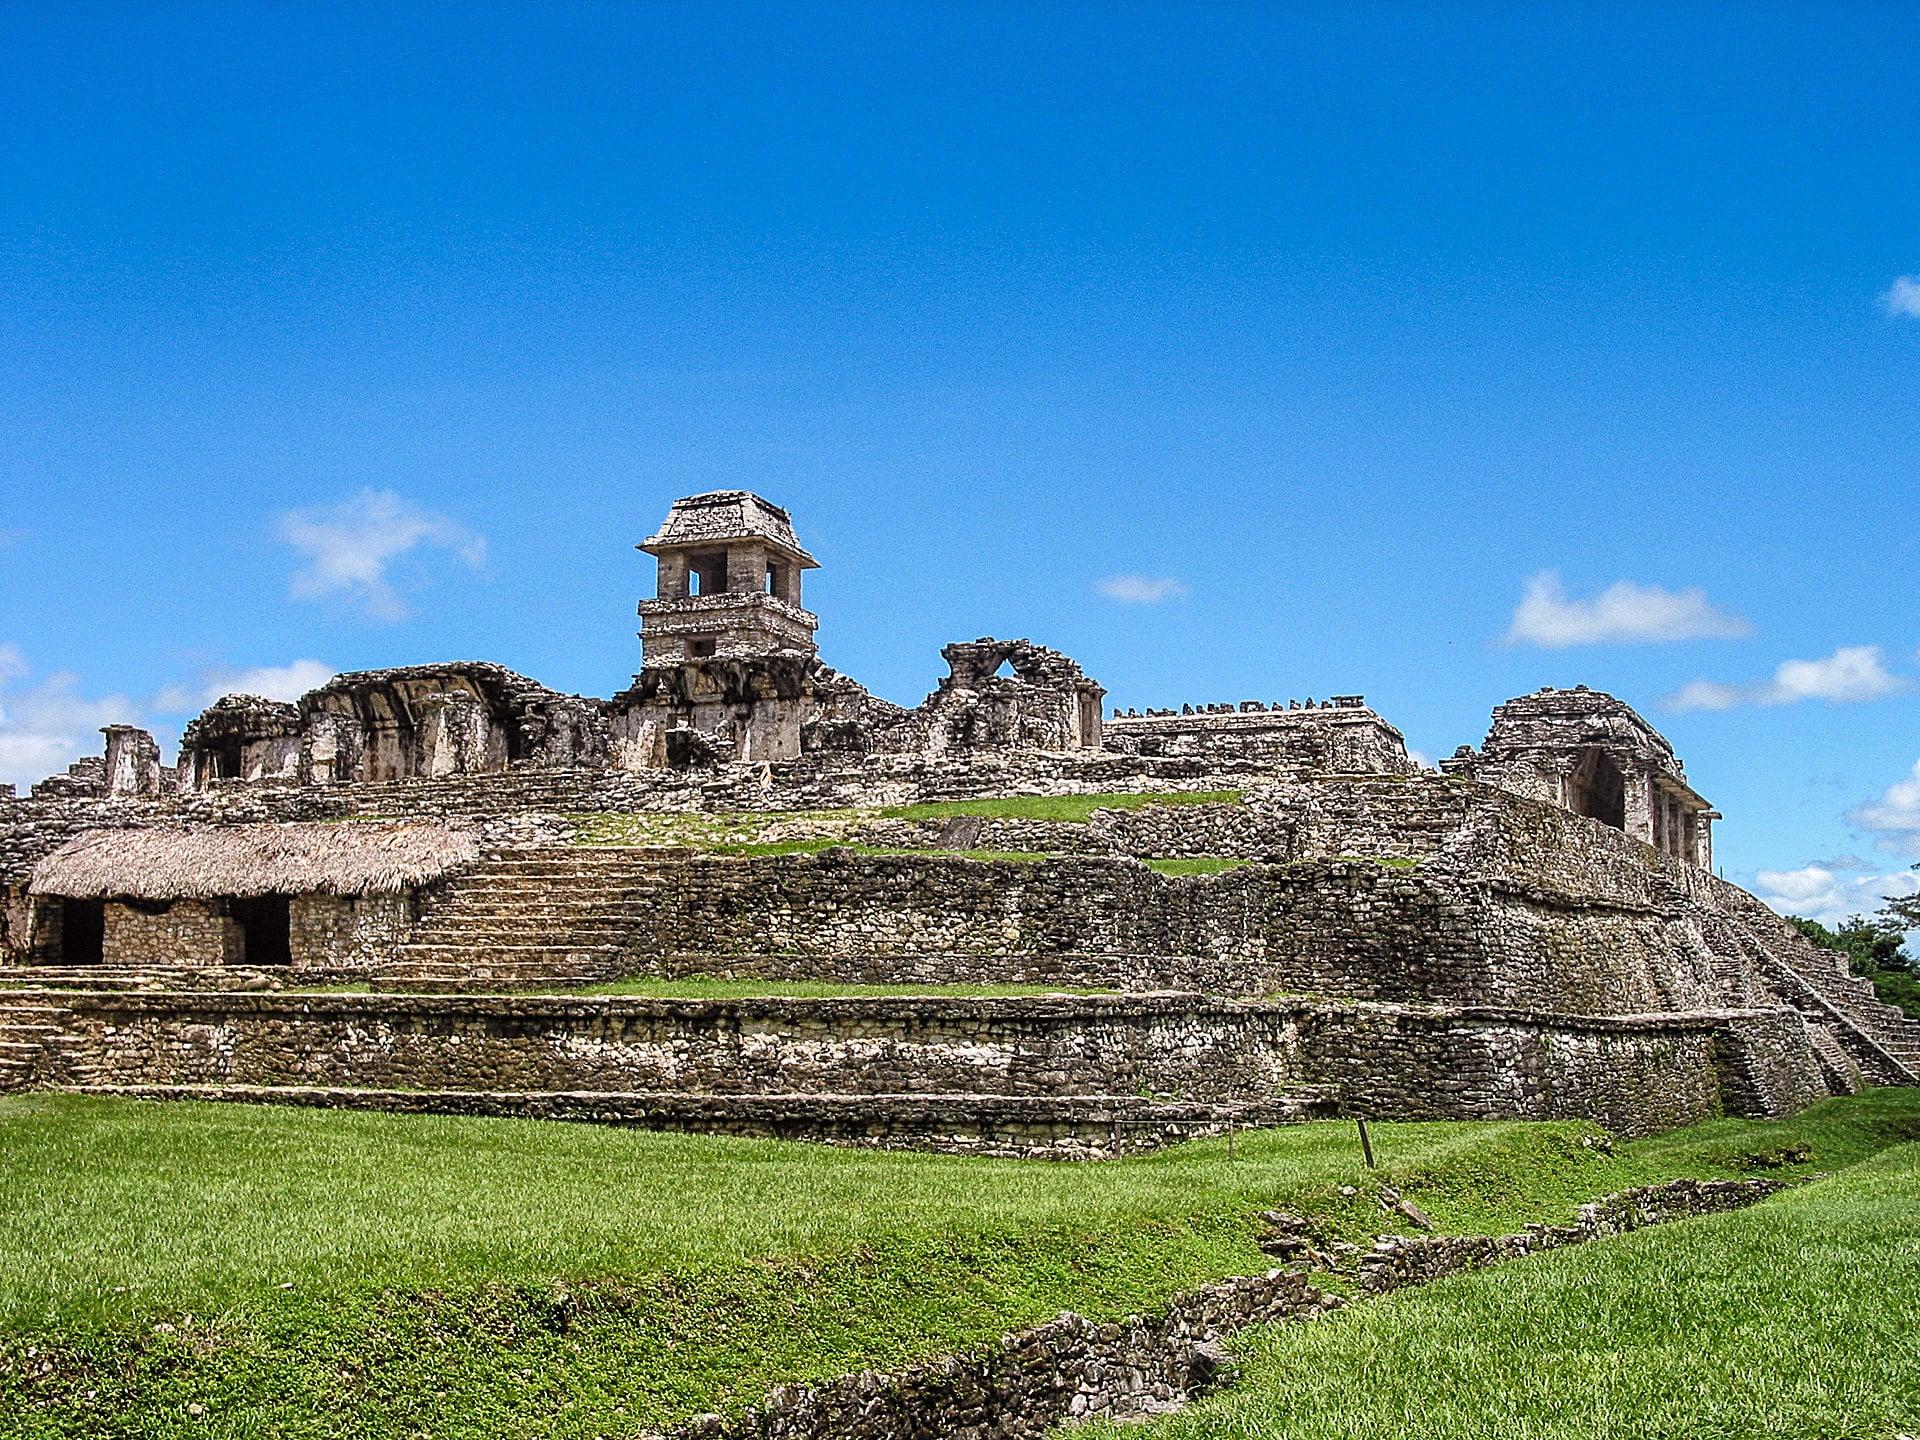 Der Palast von Palenque